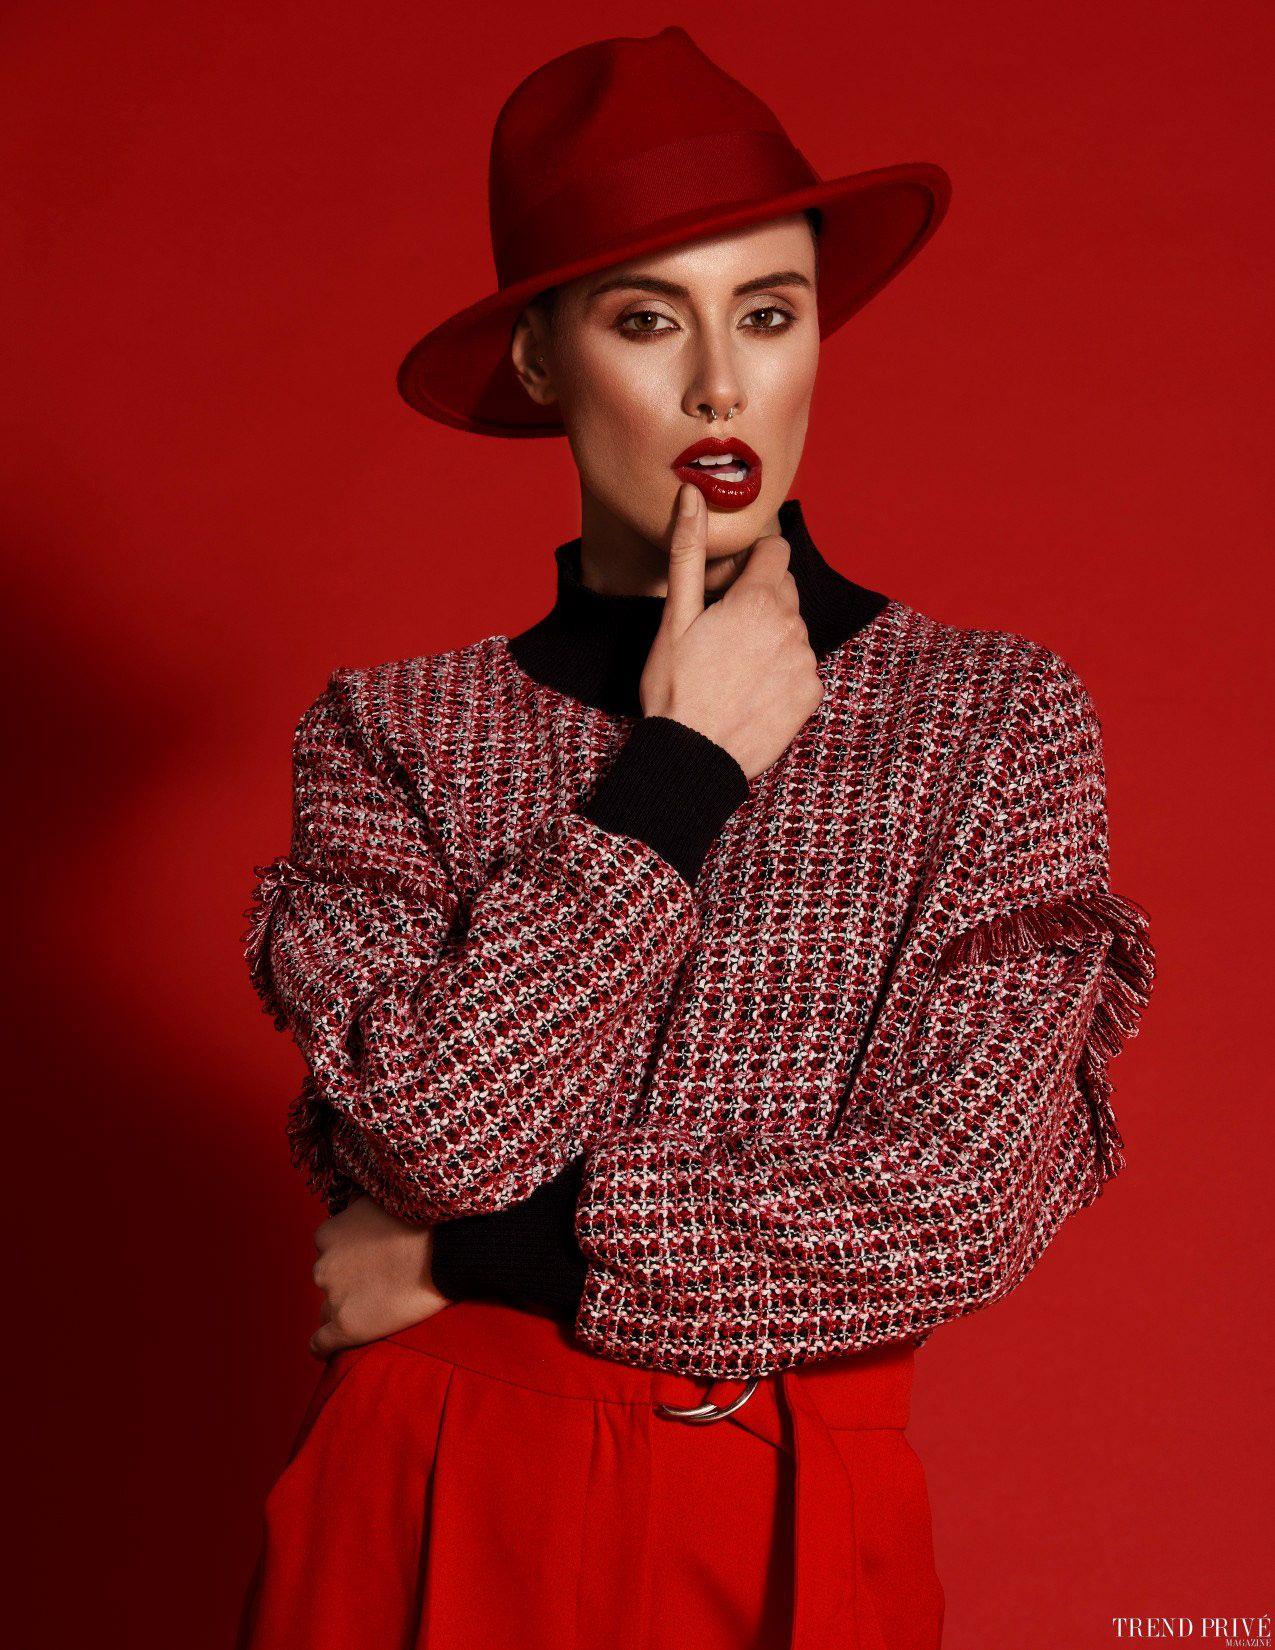 fashion photography lit mode by alena saz